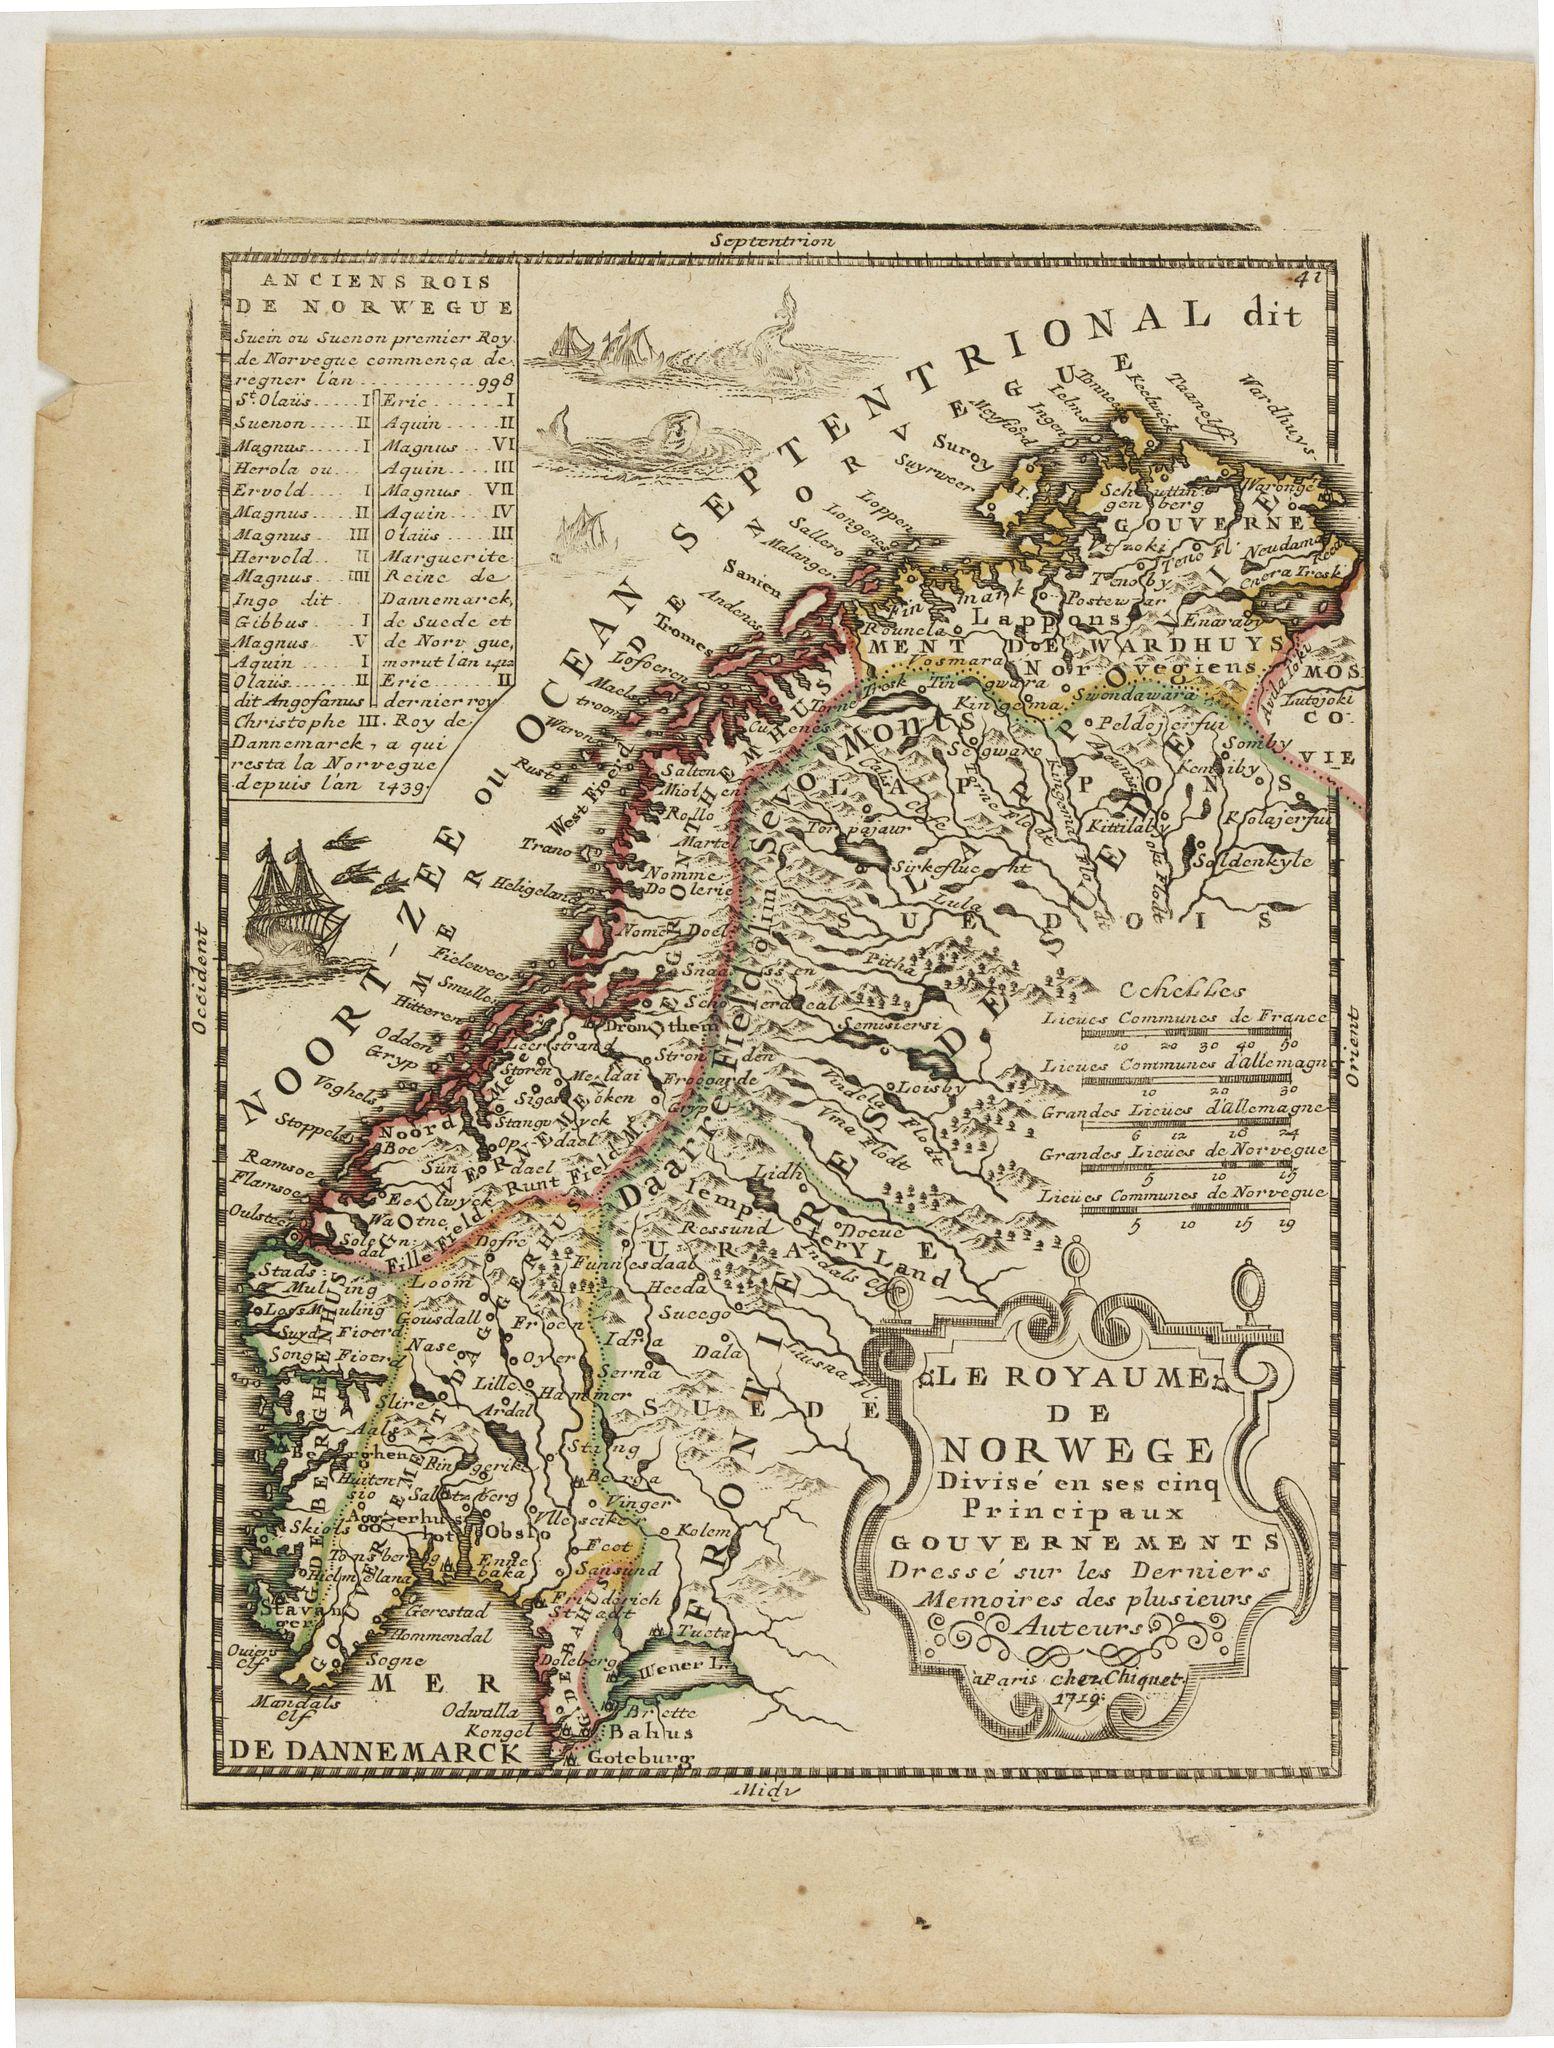 CHIQUET, J. -  Le Royaume de Norwege Divisé en ses cinq Principaux Gouvernements. . .